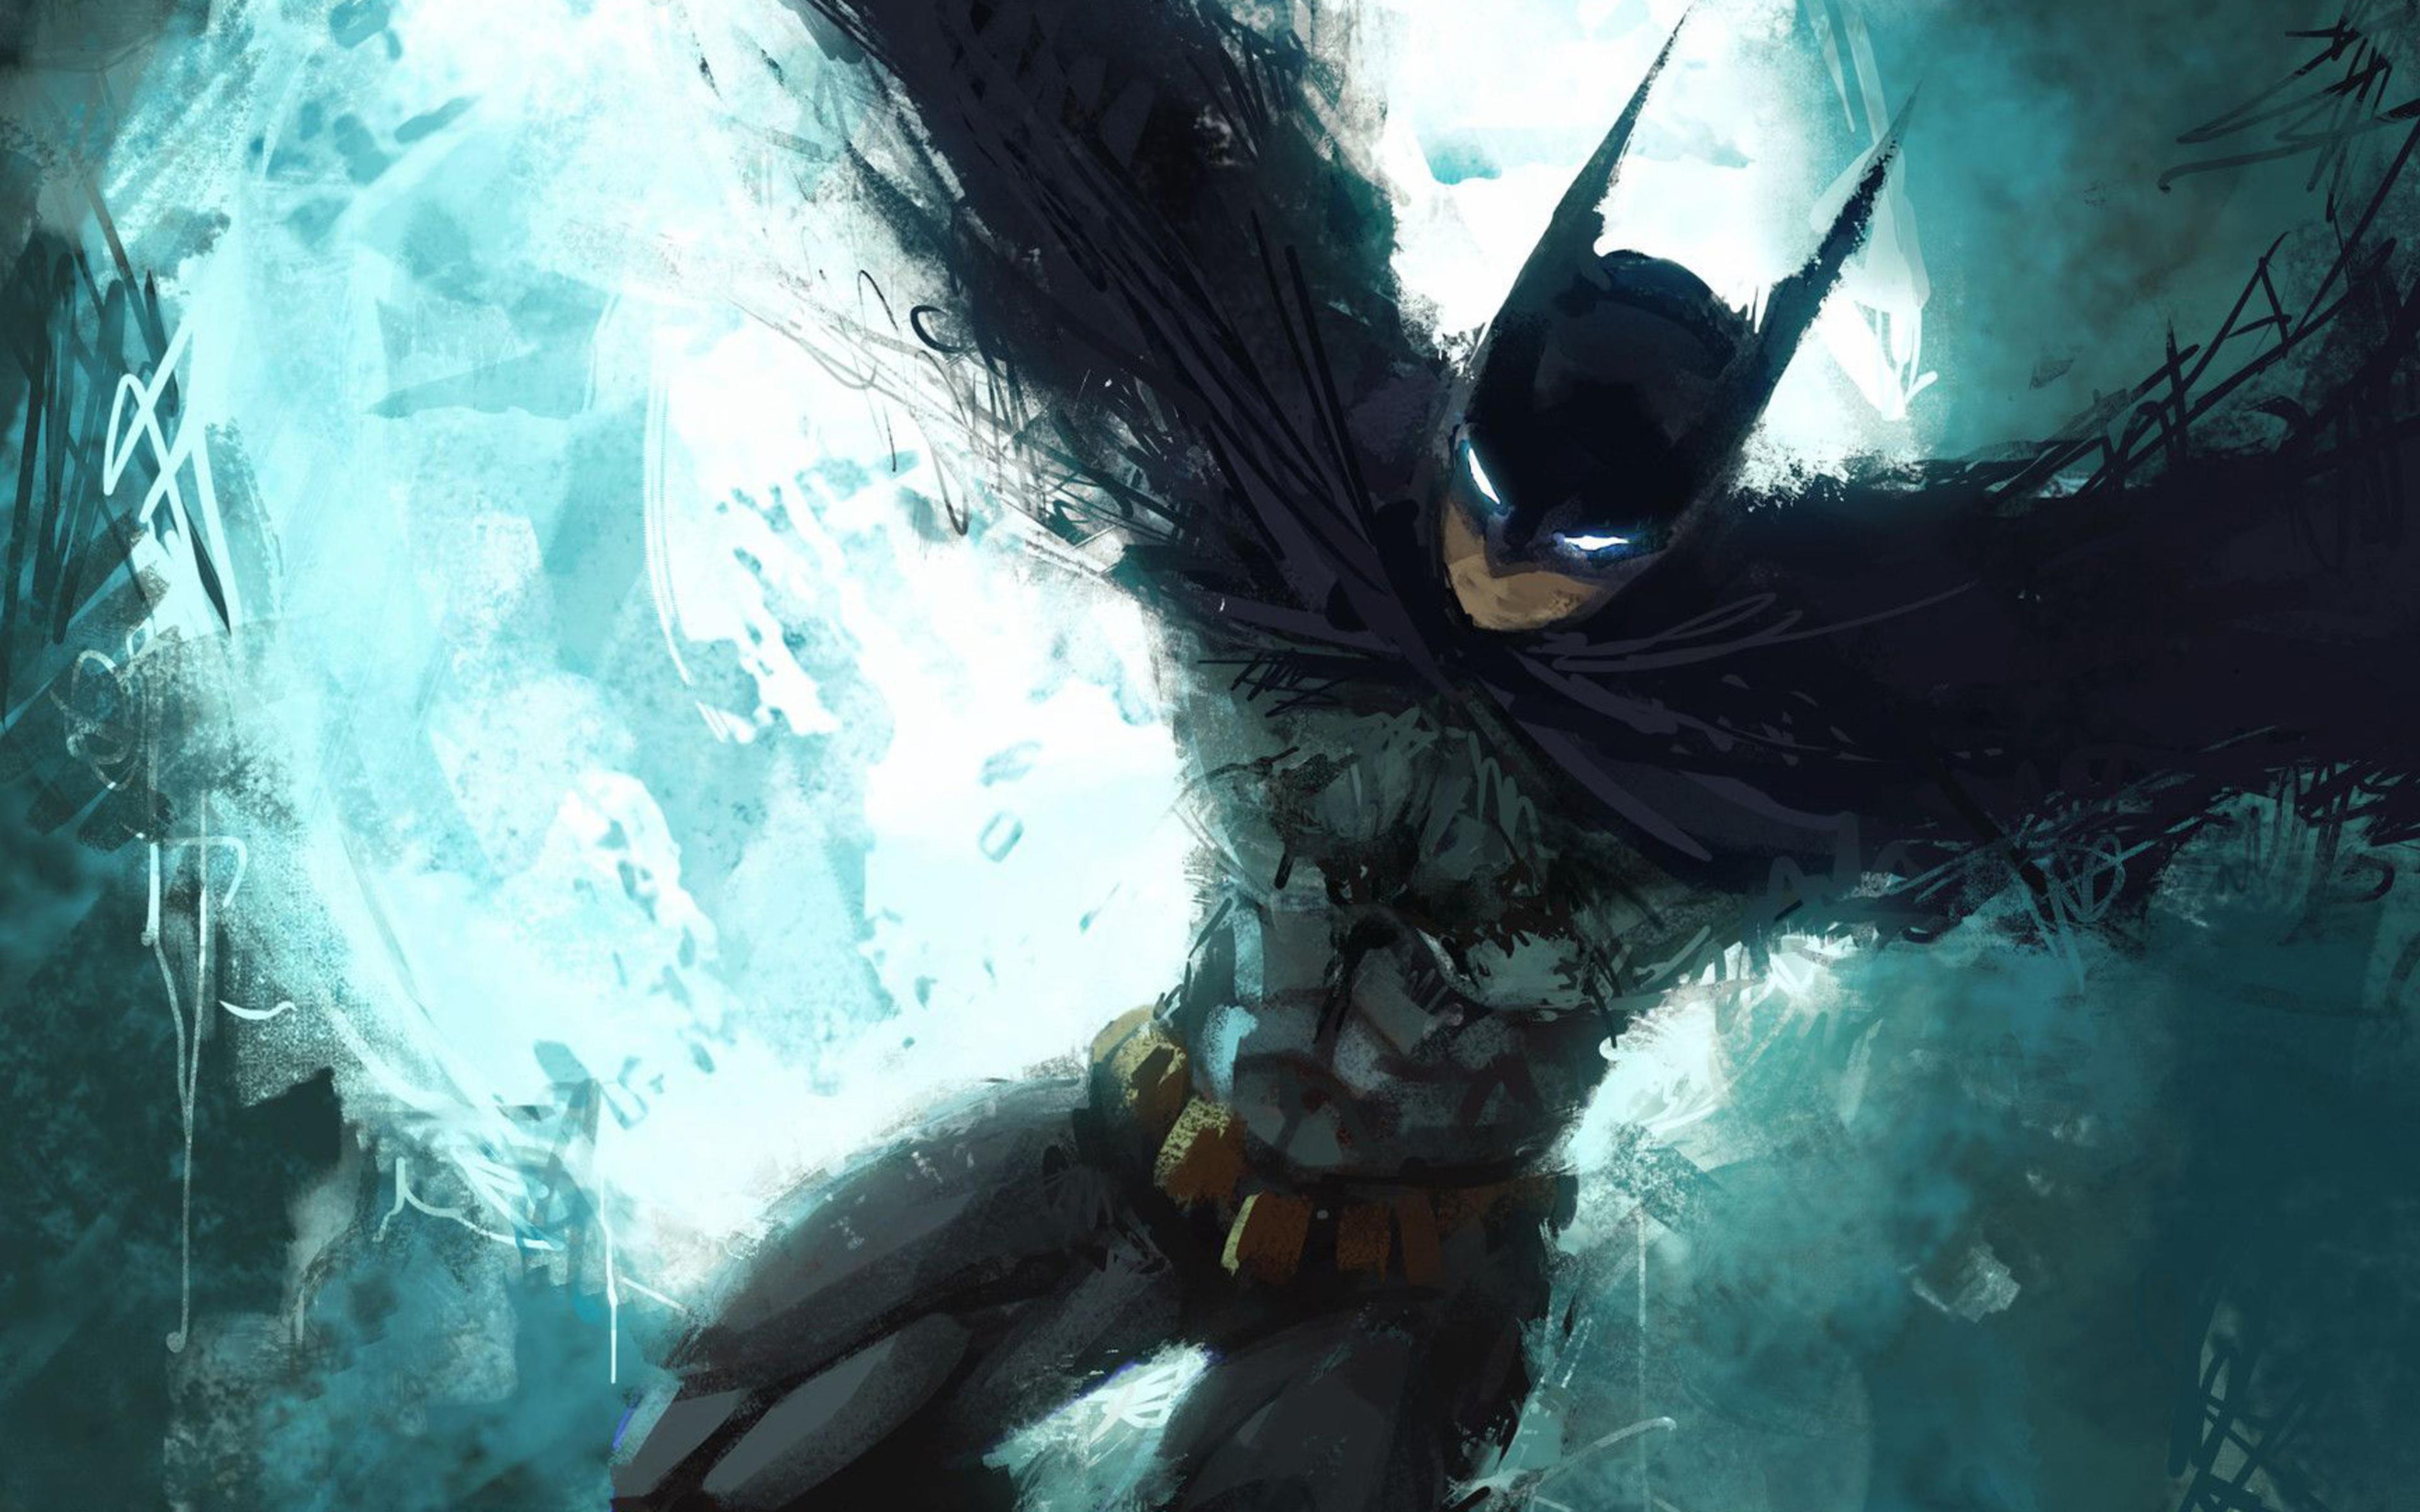 batman-the-dark-knight-artwork-1l.jpg